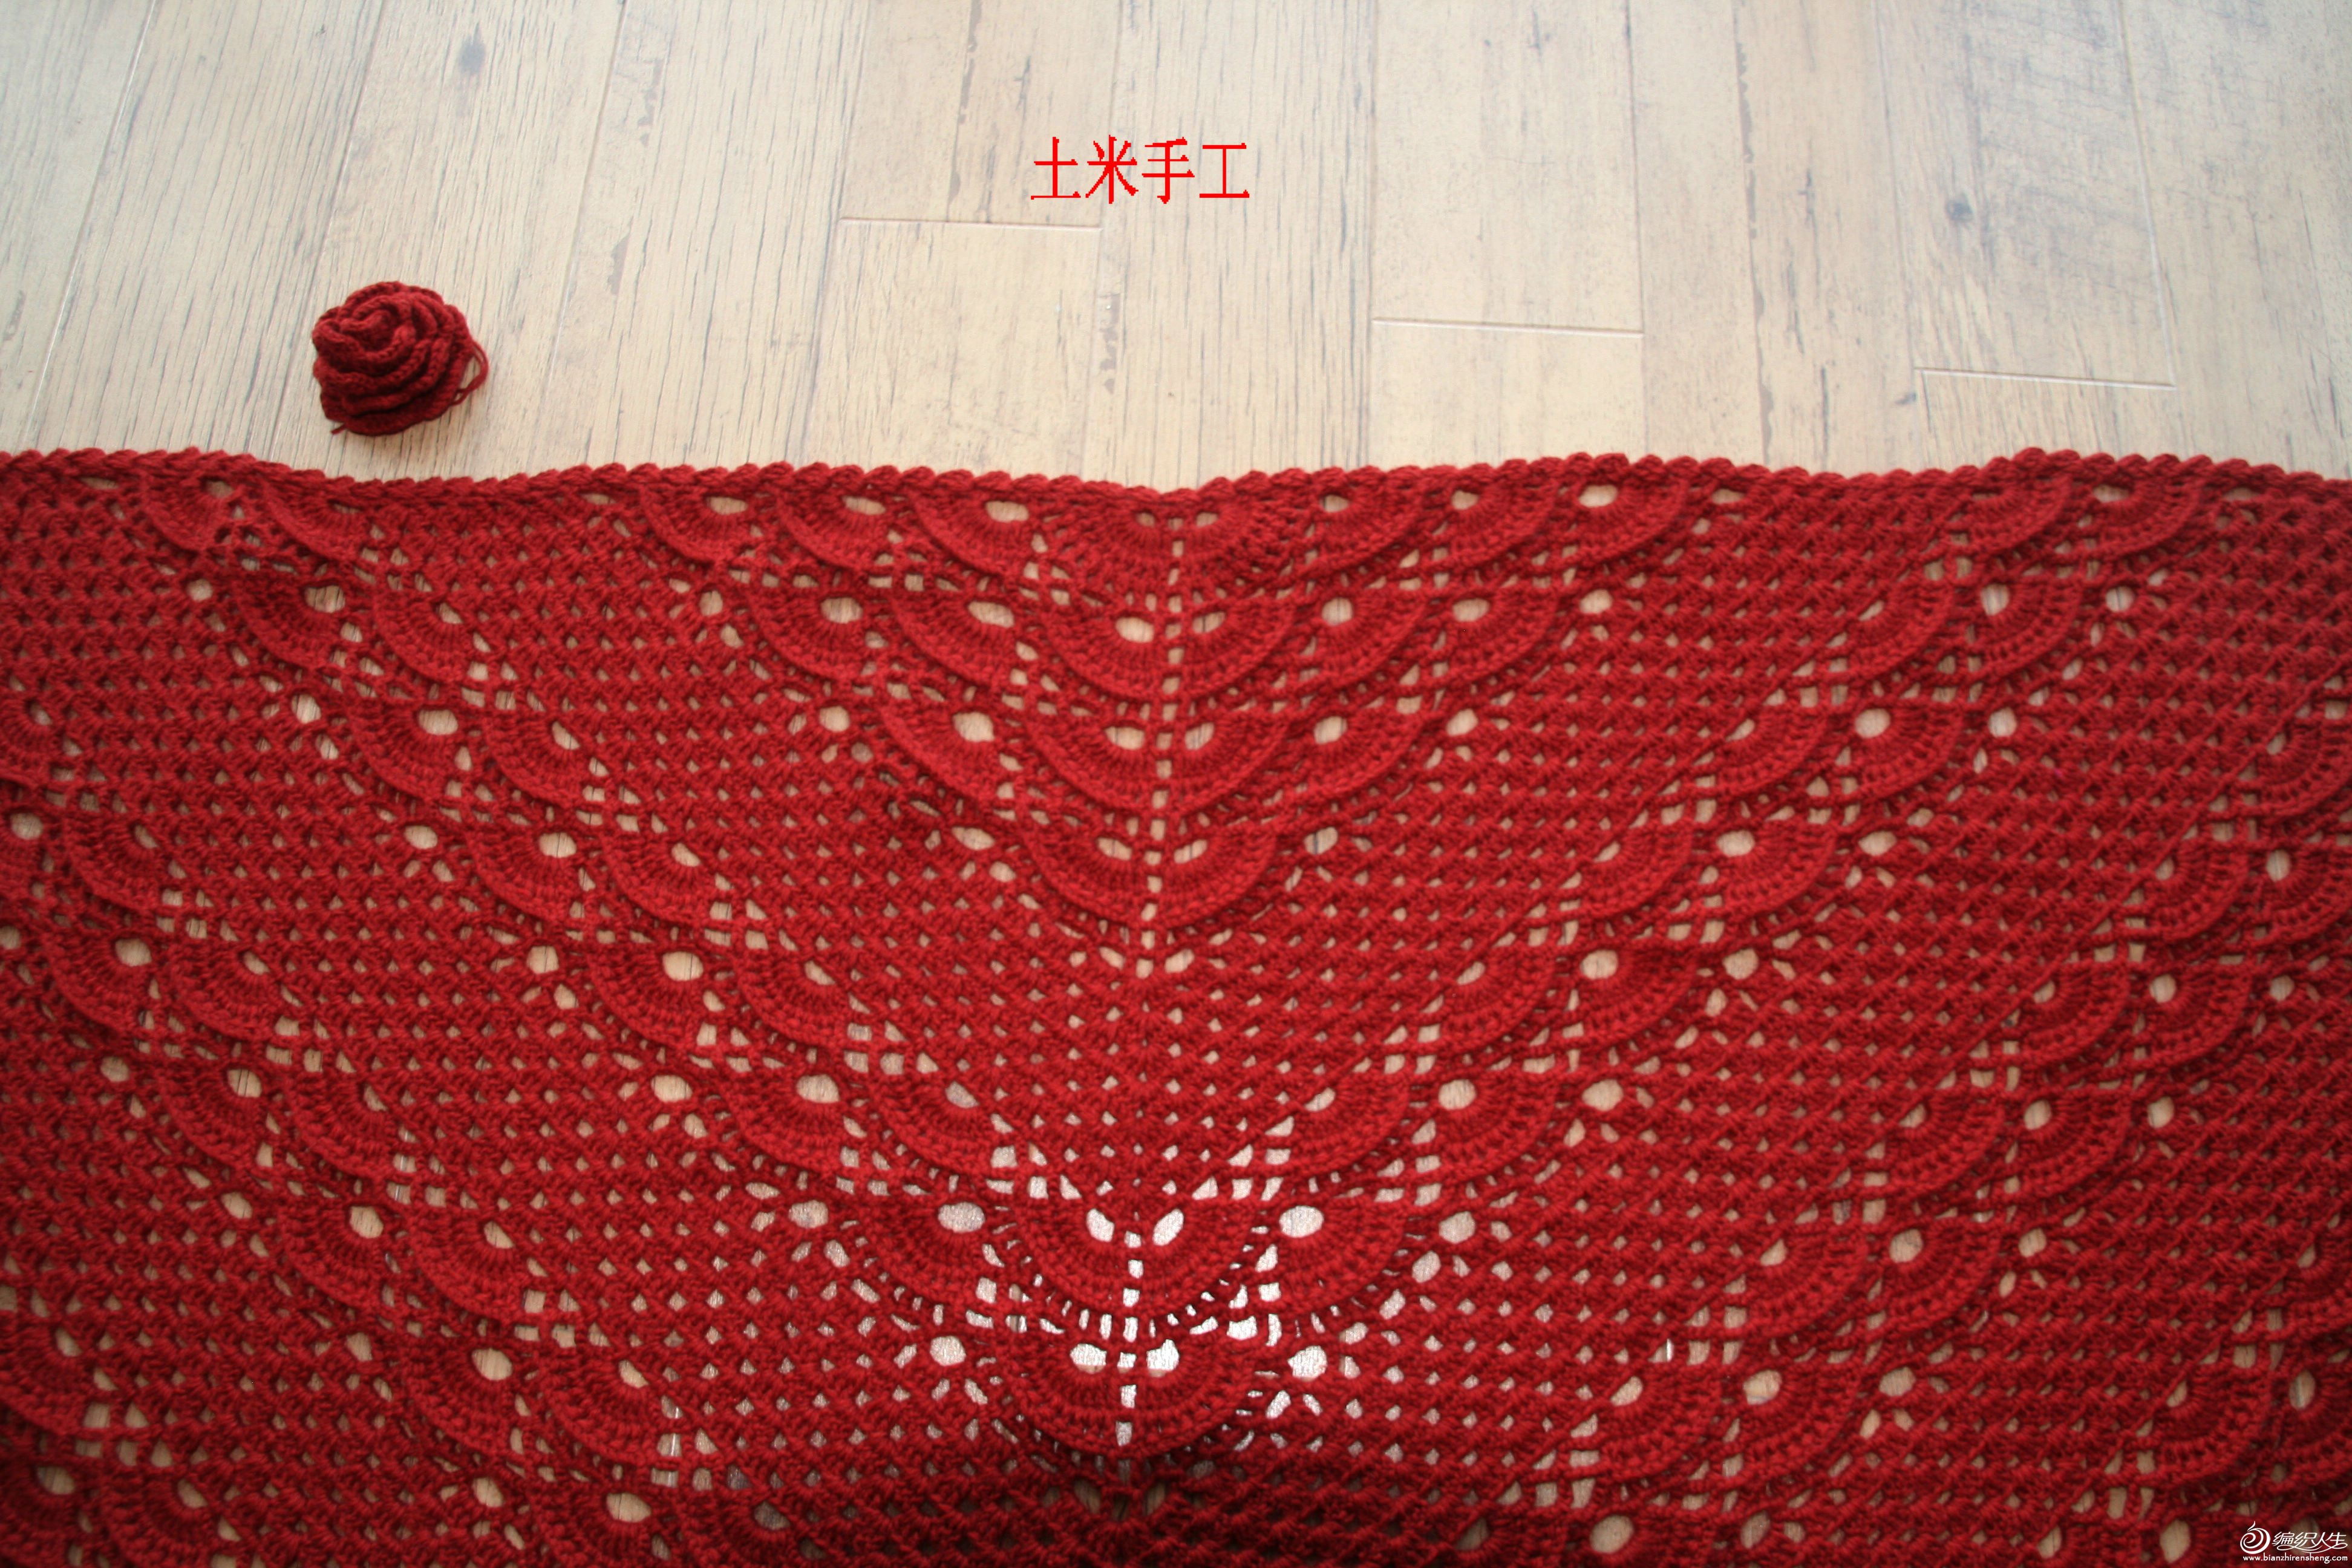 铁锈红披肩 012.jpg